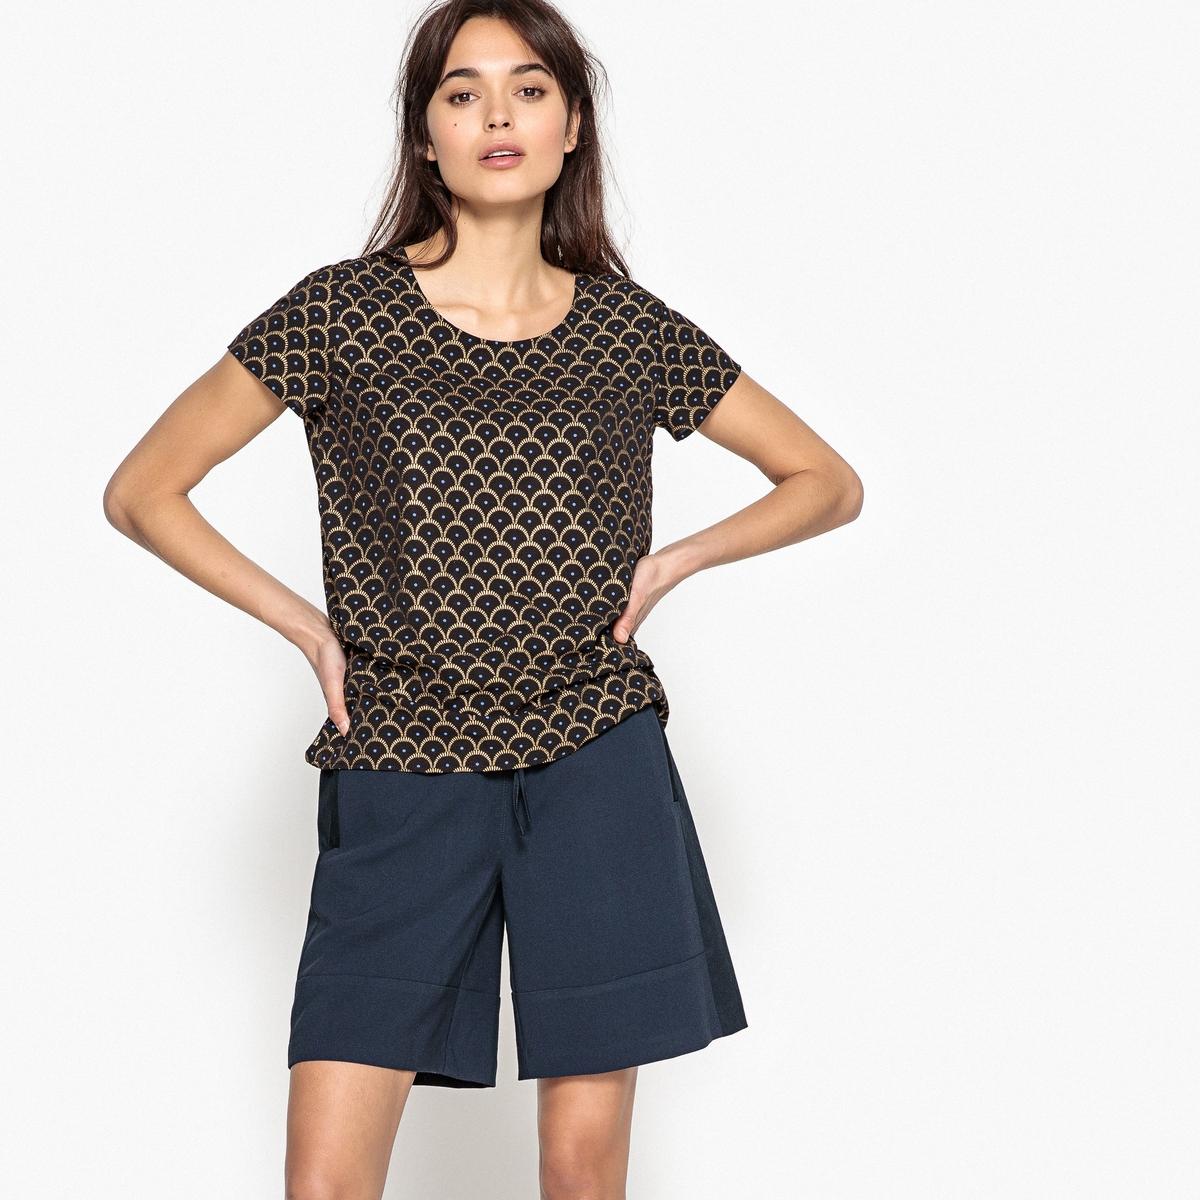 Блузка с круглым вырезом, графическим рисунком и короткими рукавами